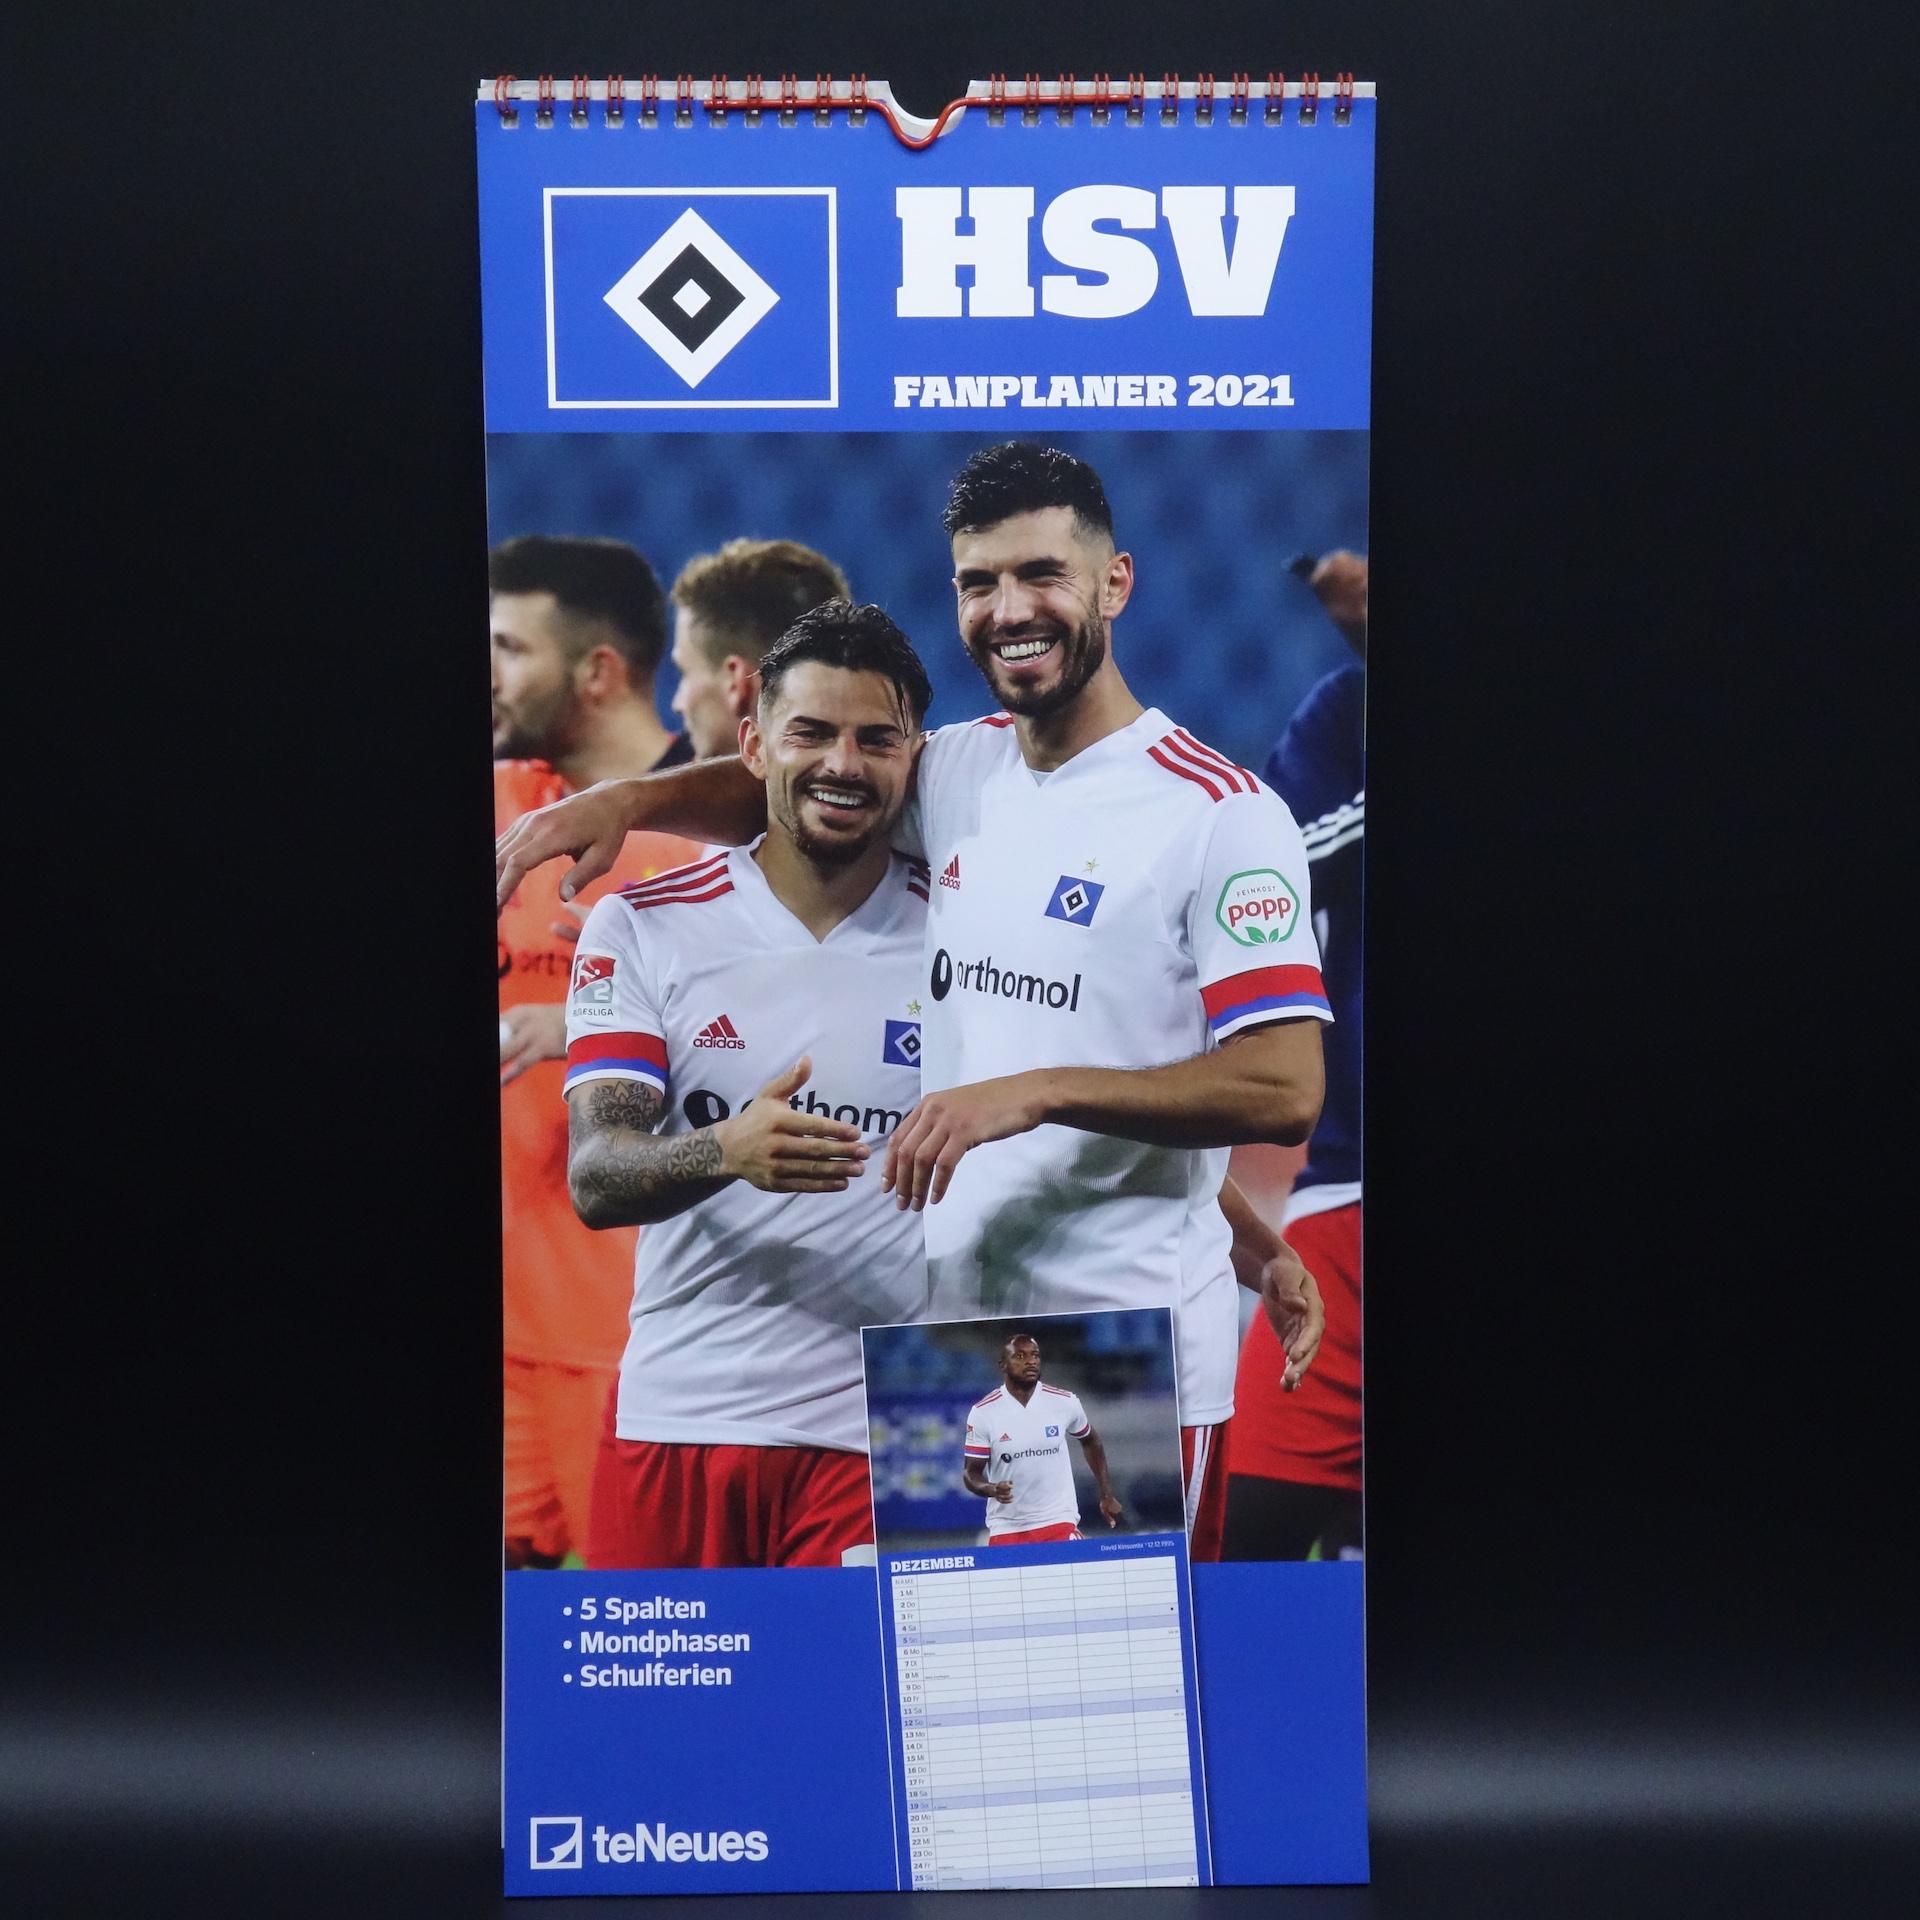 HSV Fanplaner 2021